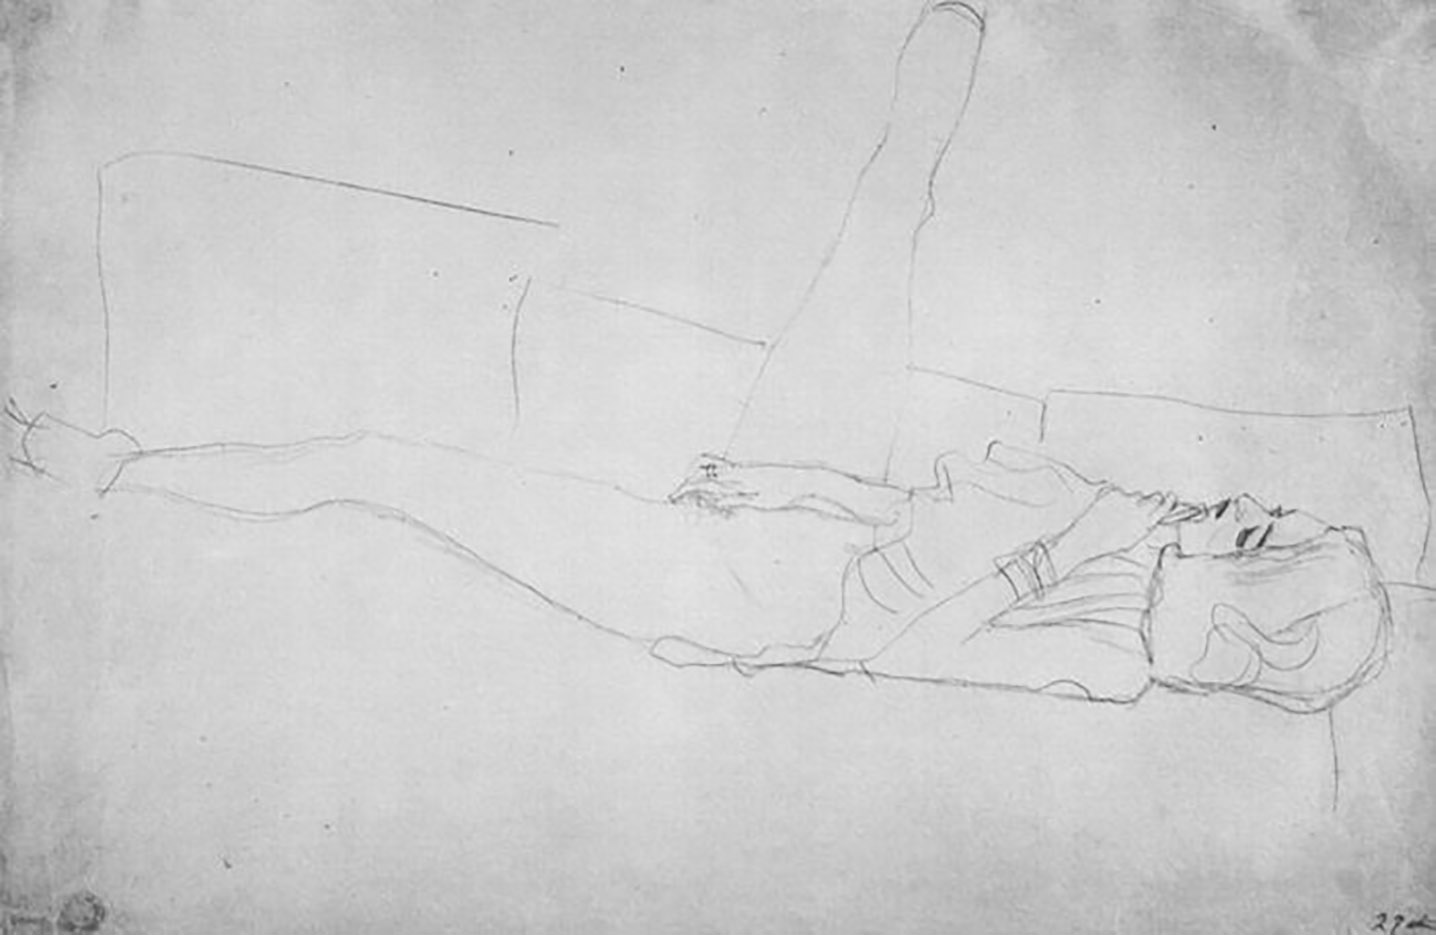 Густав Климт (Gustav Klimt) эскиз, Liegender weiblicher Halbakt mit aufgestelltem rechtem Bein